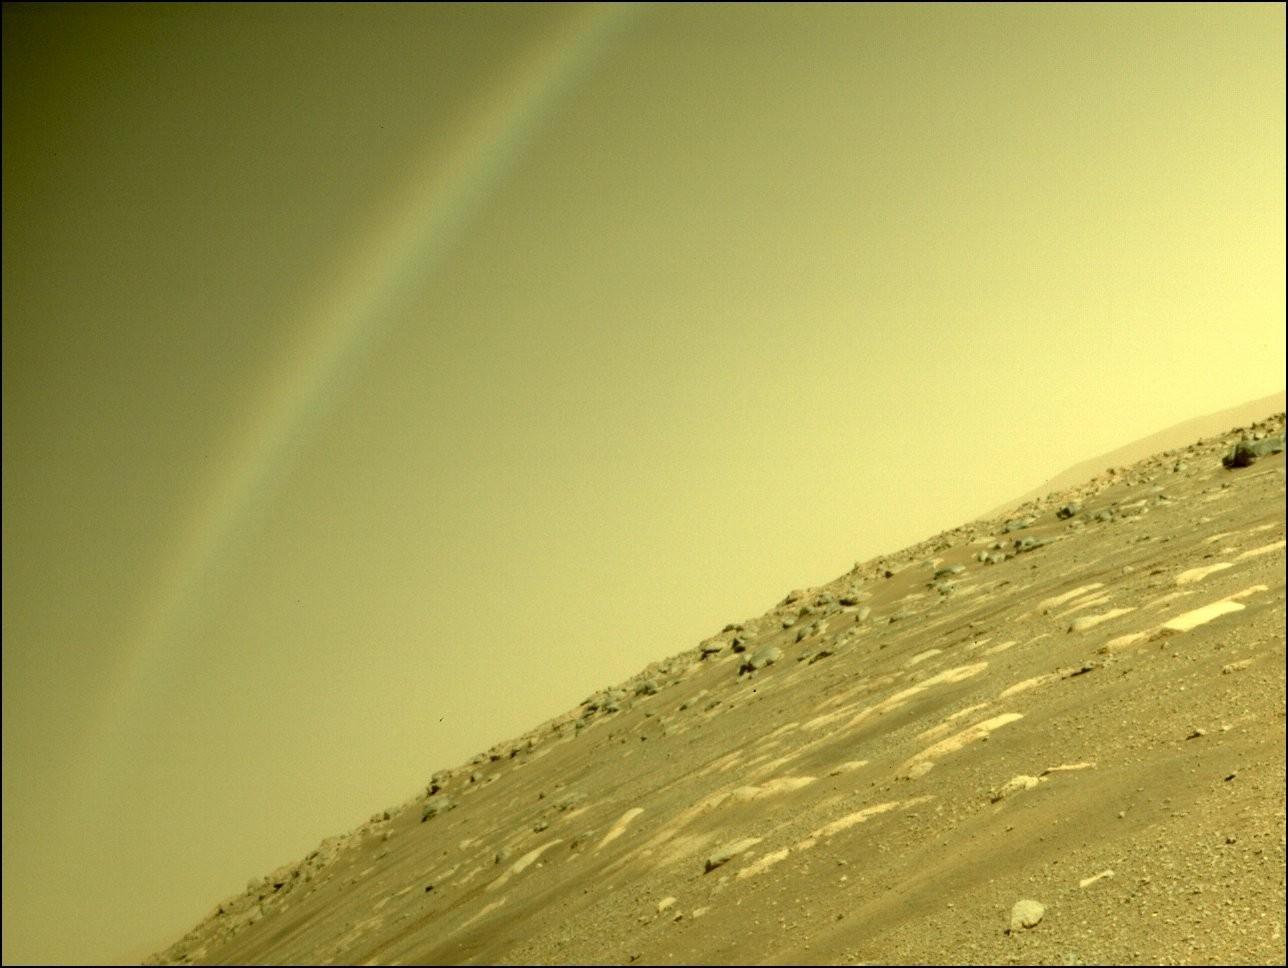 로버 퍼서비어런스가 촬영한 사진. 무지개로 보이는 형상은 빛이 카메라 렌즈에 반사되면서 생겼다. 사진=NASA/JPL-Caltech